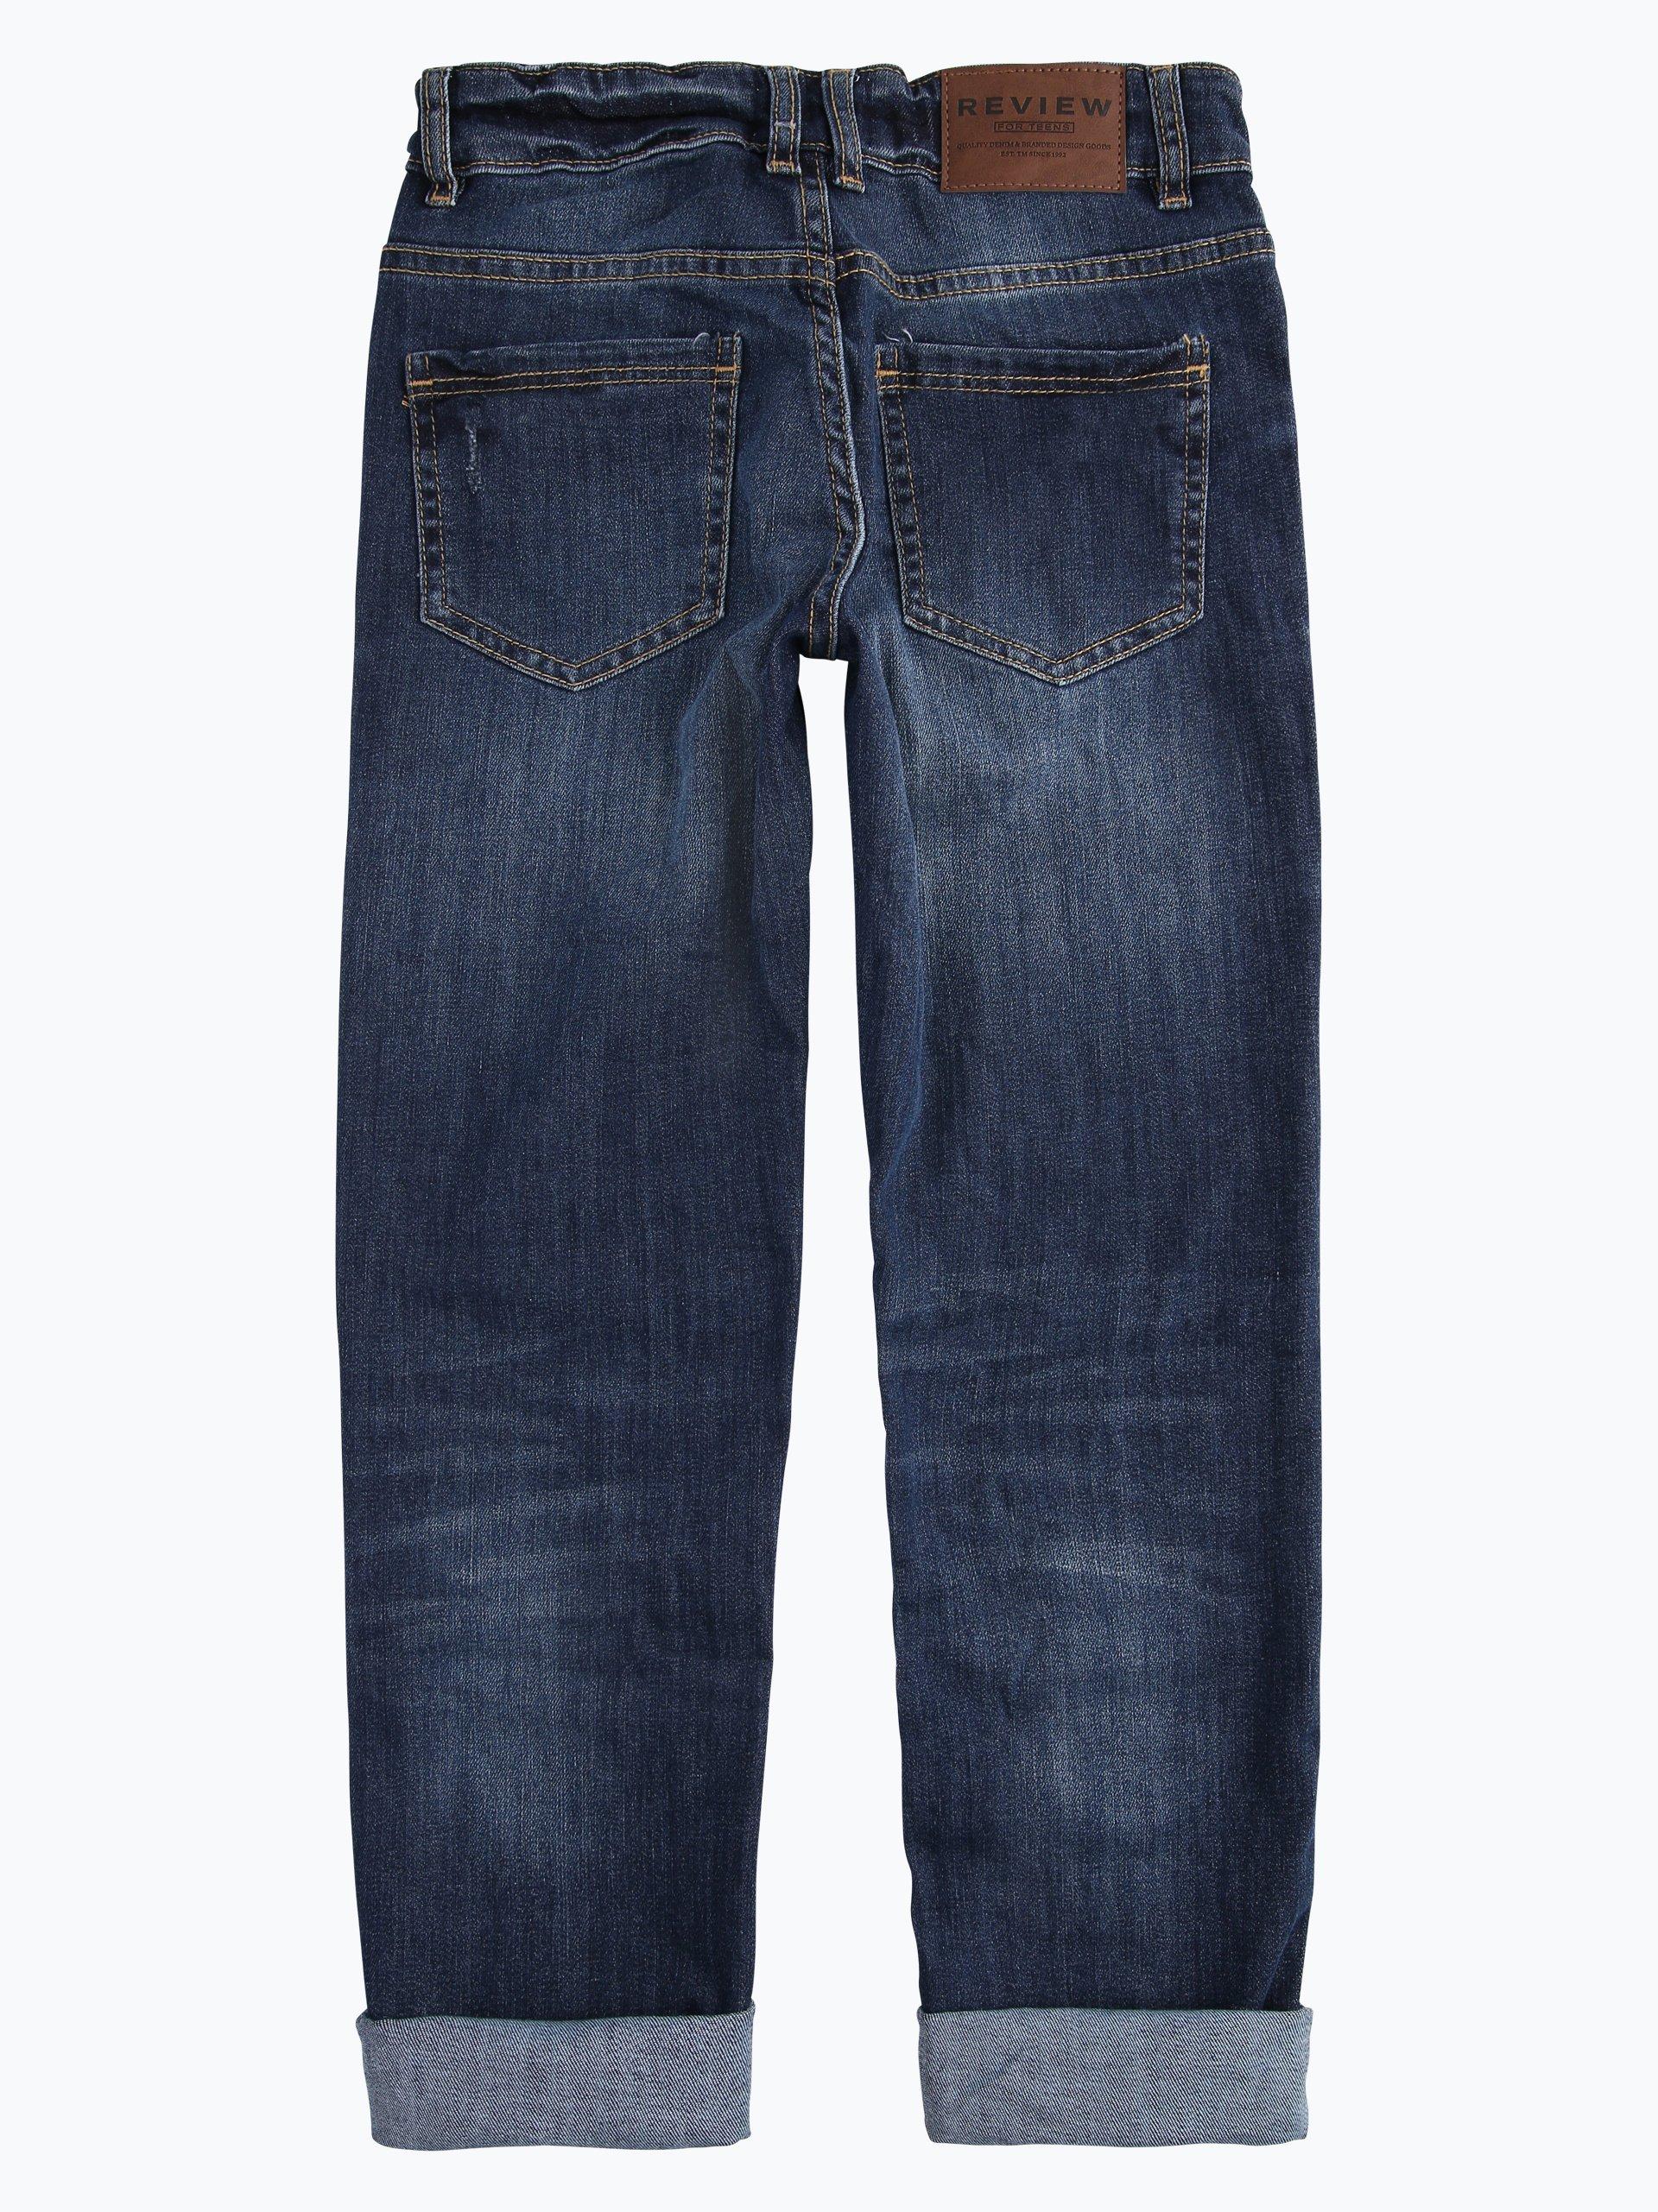 review jungen jeans regular fit indigo uni online kaufen. Black Bedroom Furniture Sets. Home Design Ideas